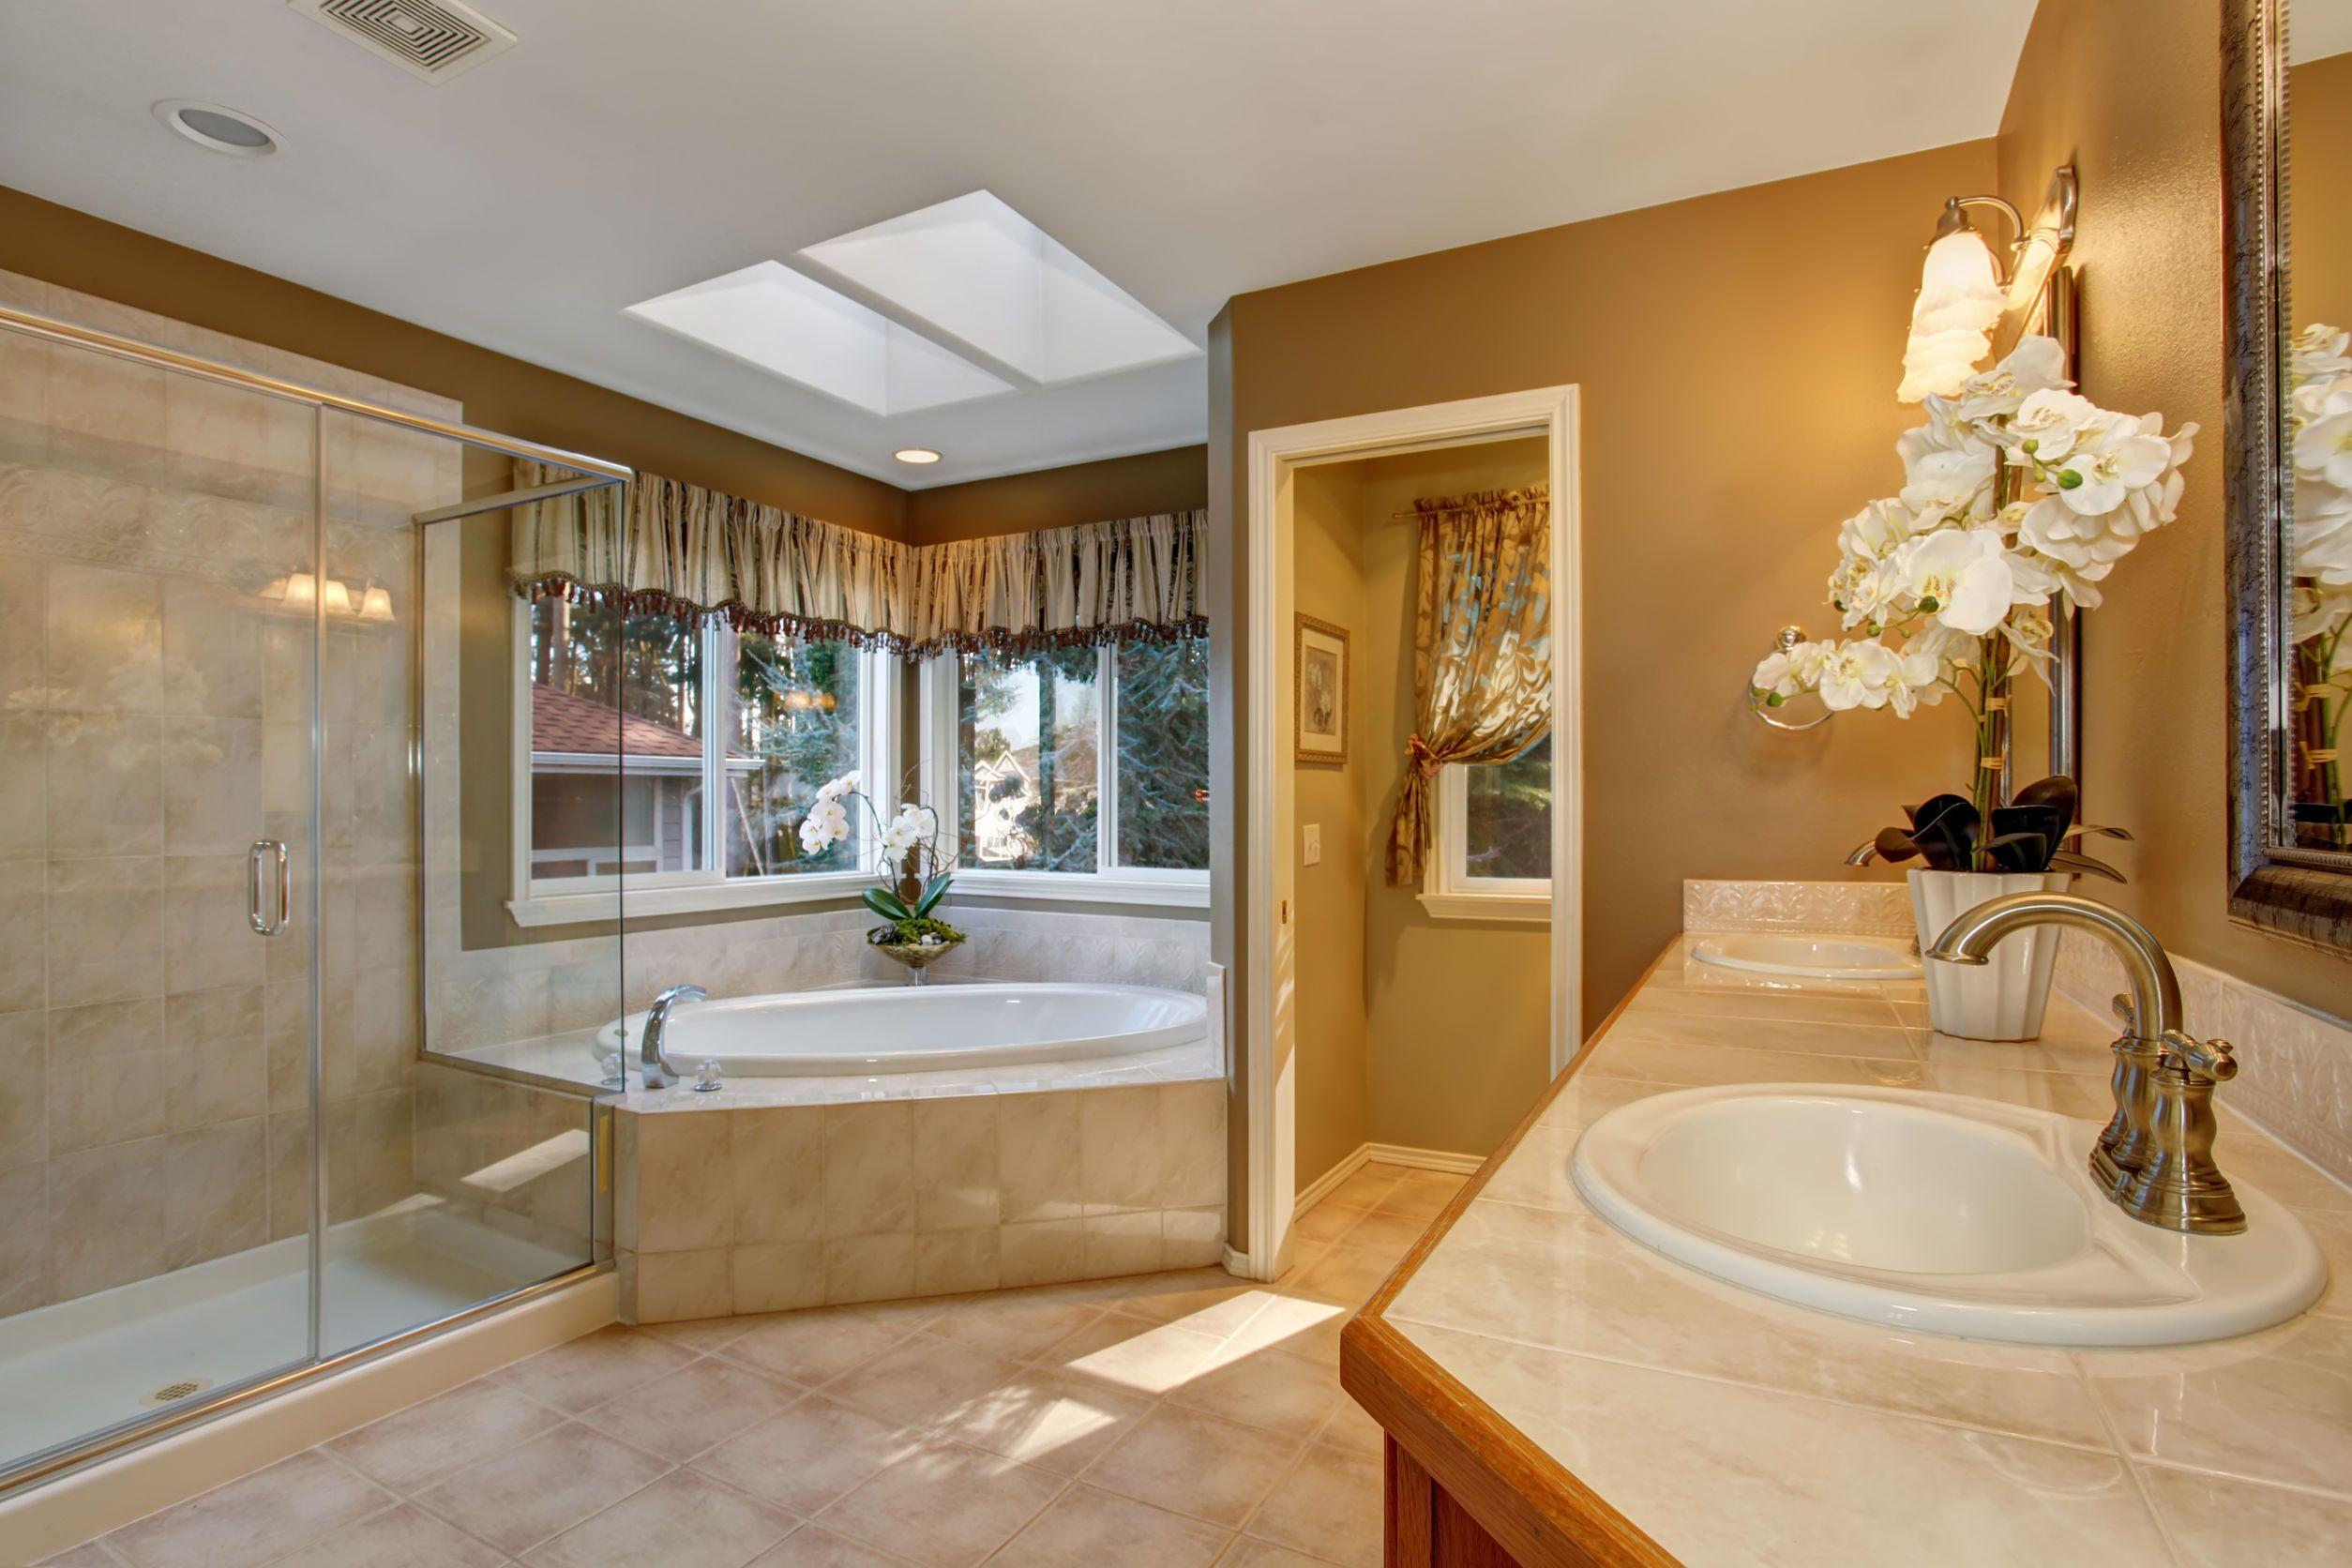 Bathroom | Cuarto de baño, Baños y Cuartos